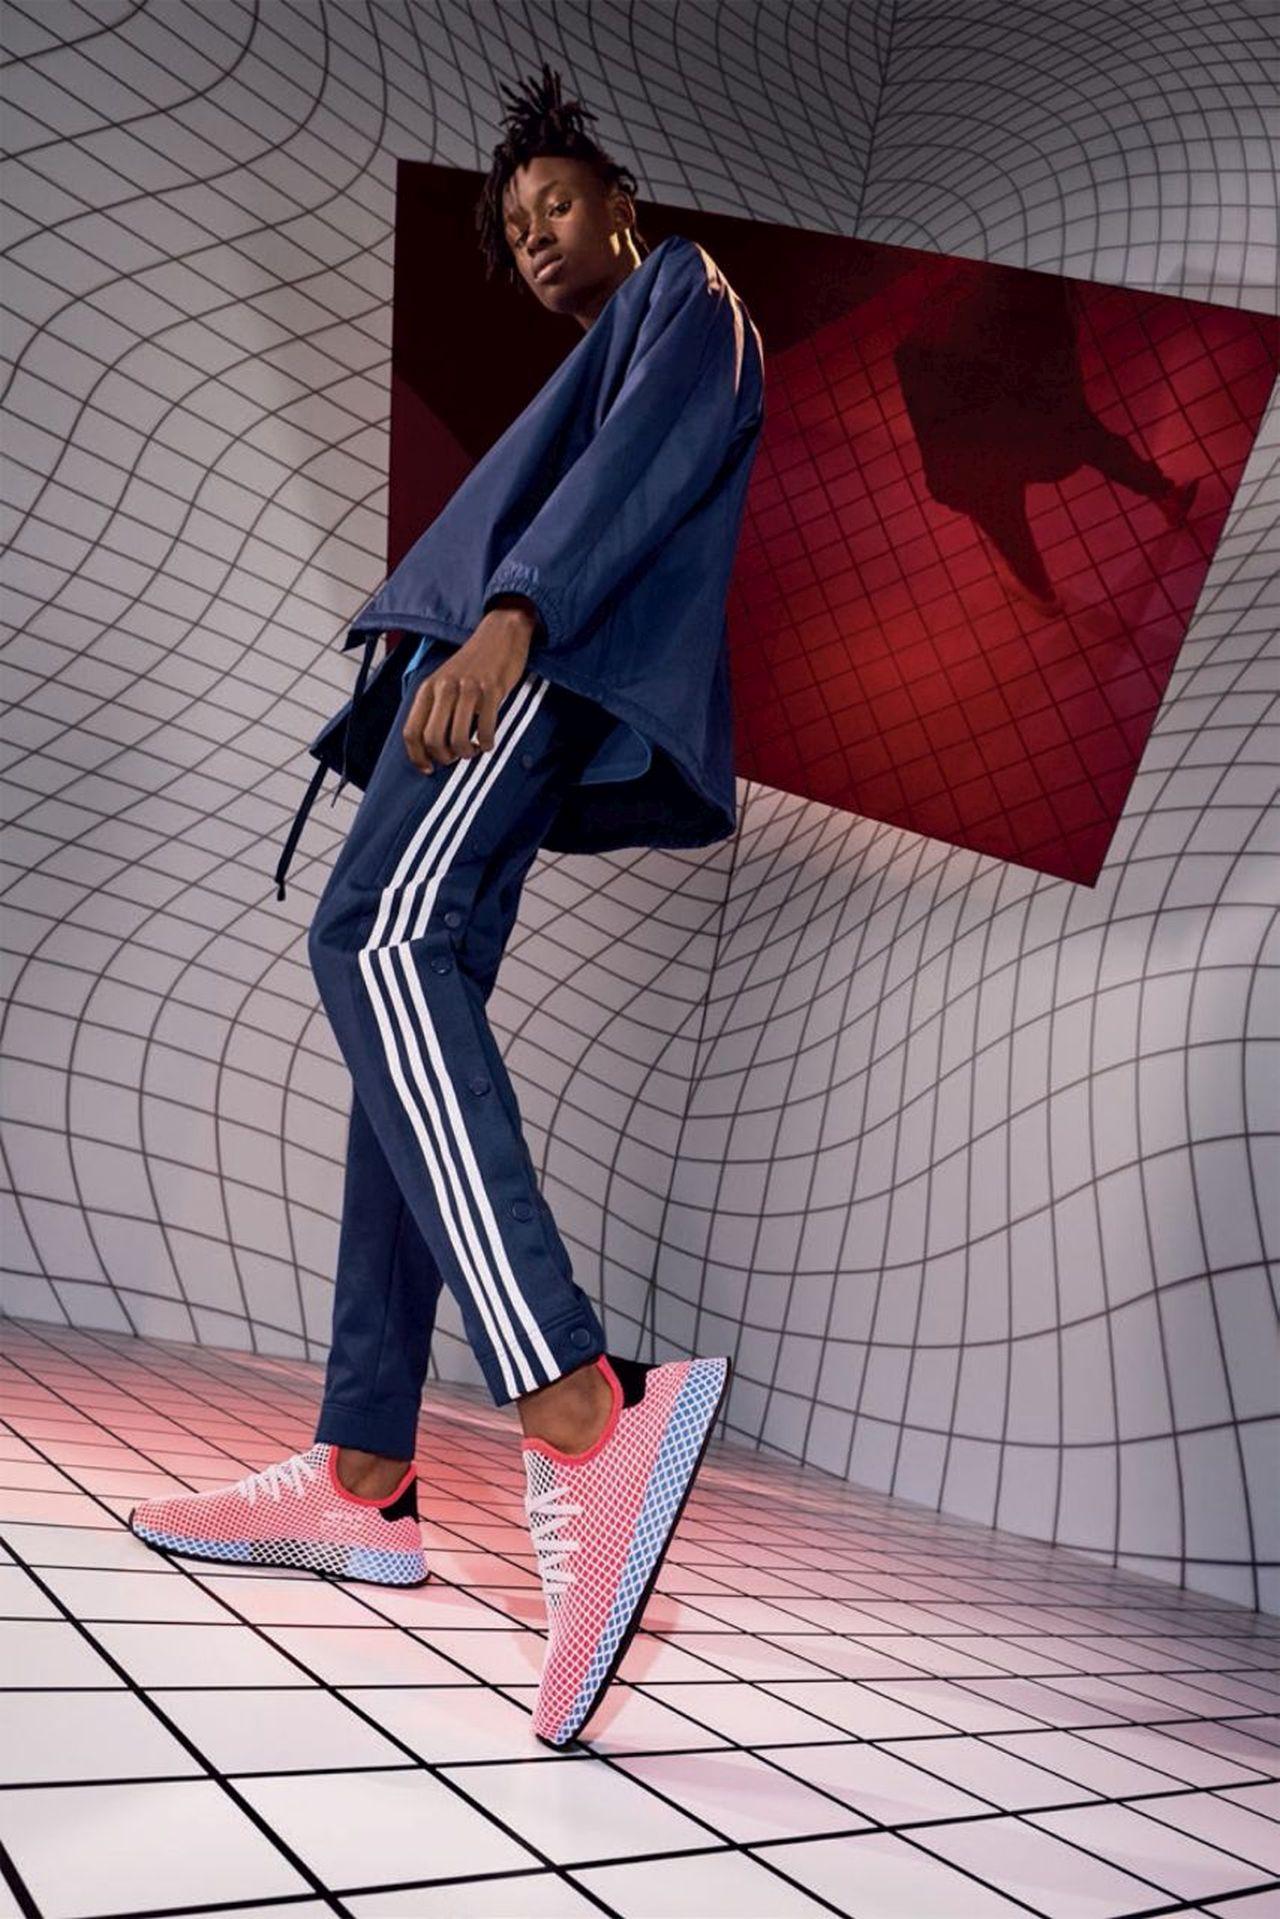 Nové tenisky adidas Deerupt: budoucí hvězda Instagramu?